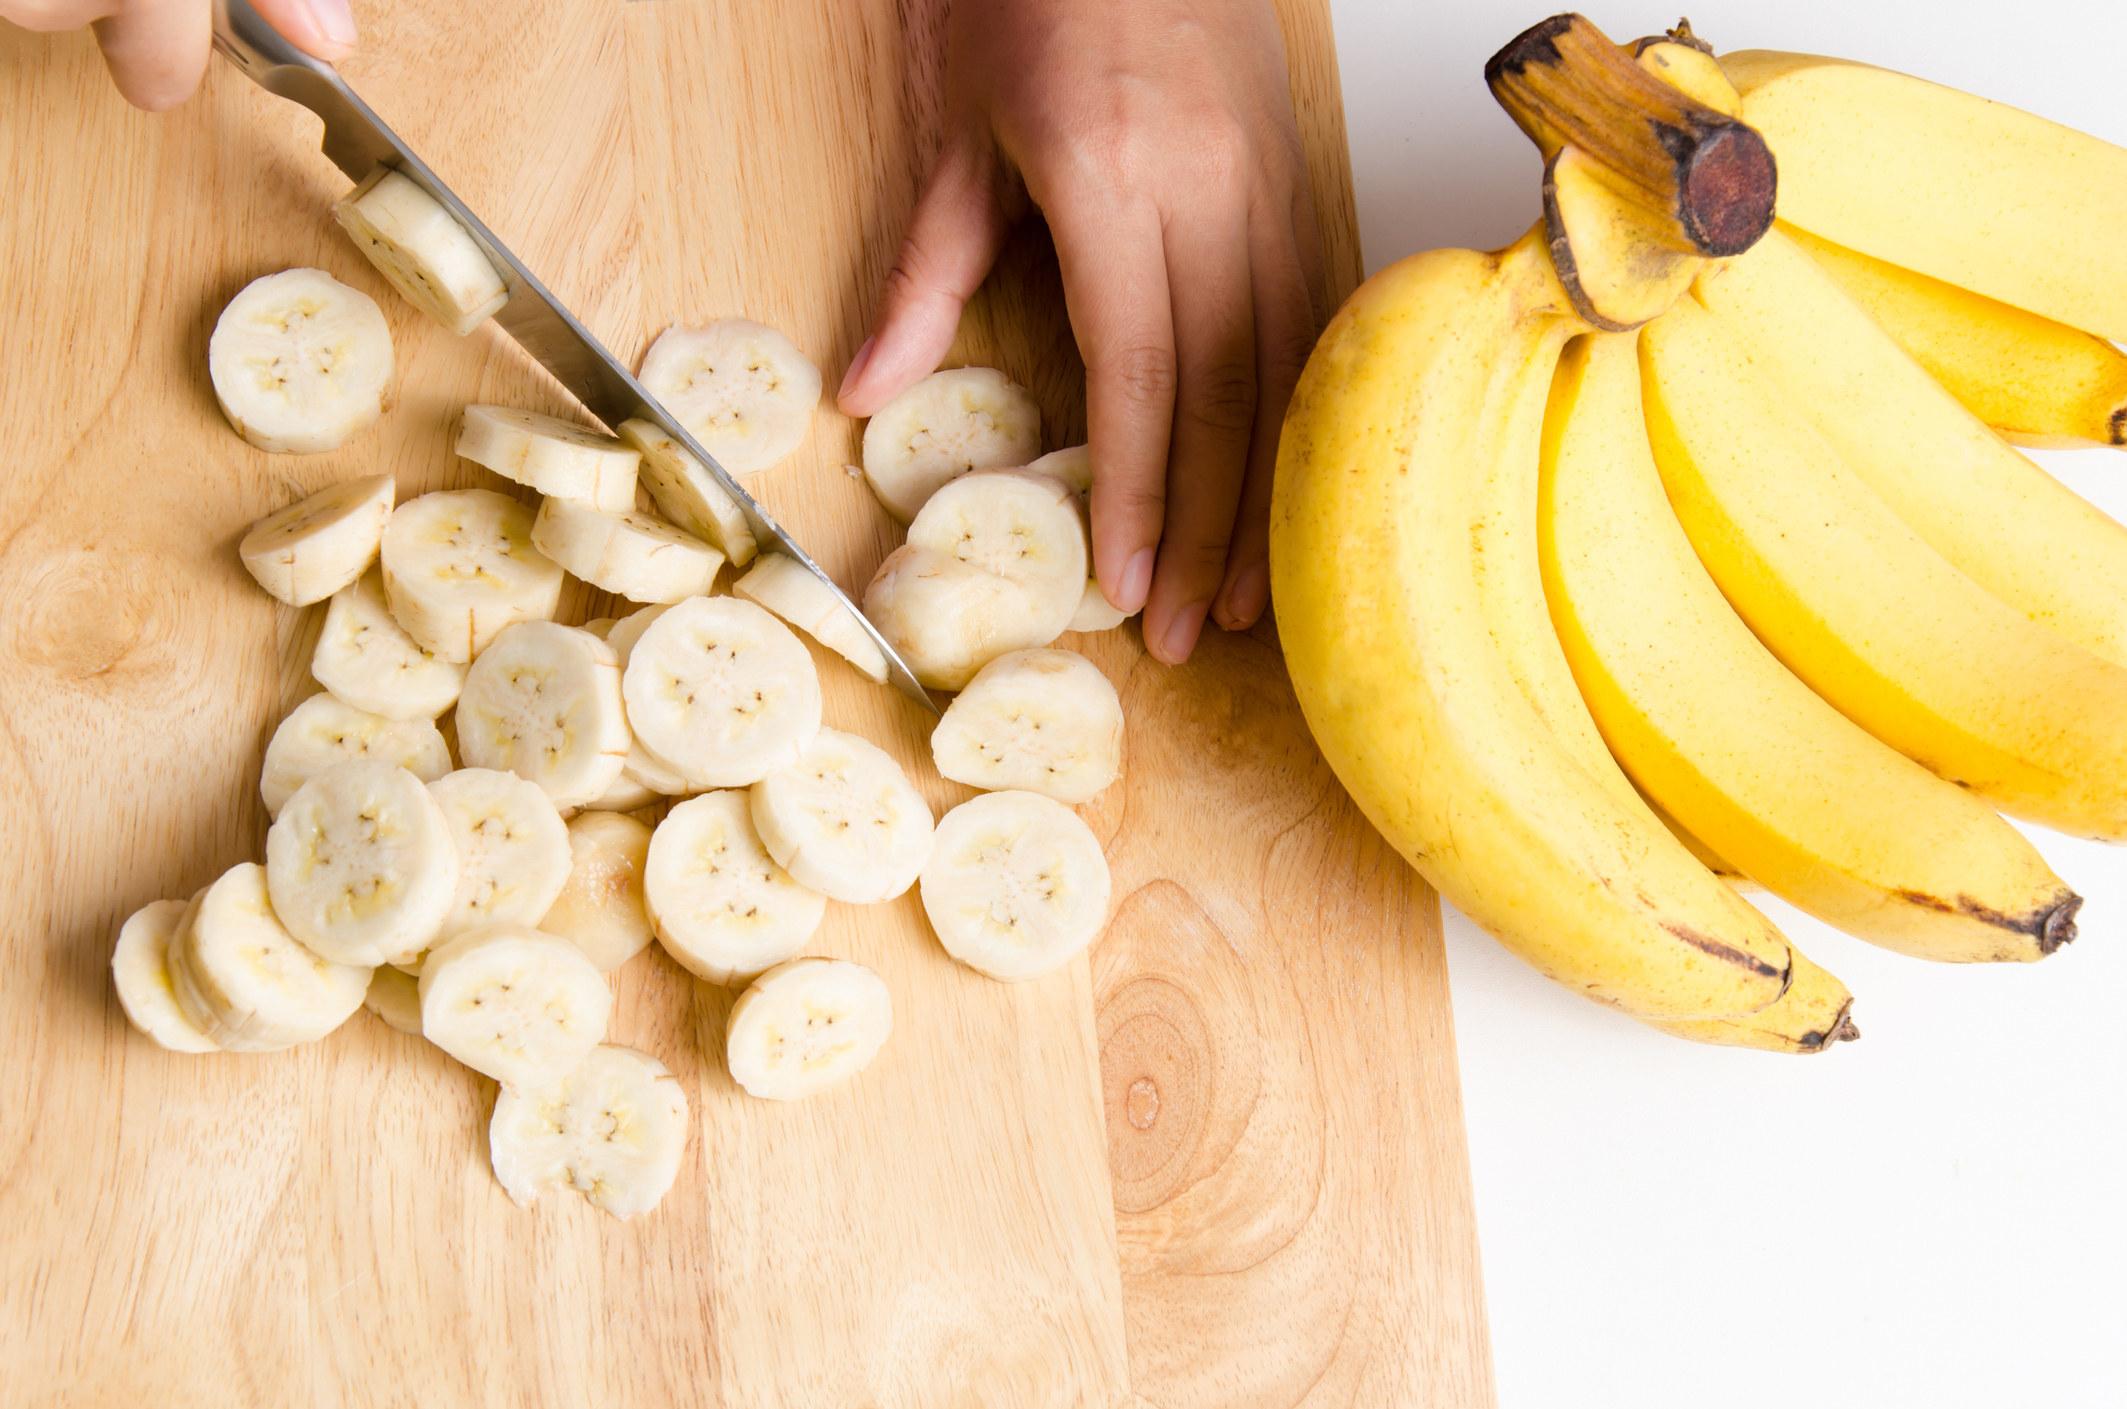 Slicing bananas.